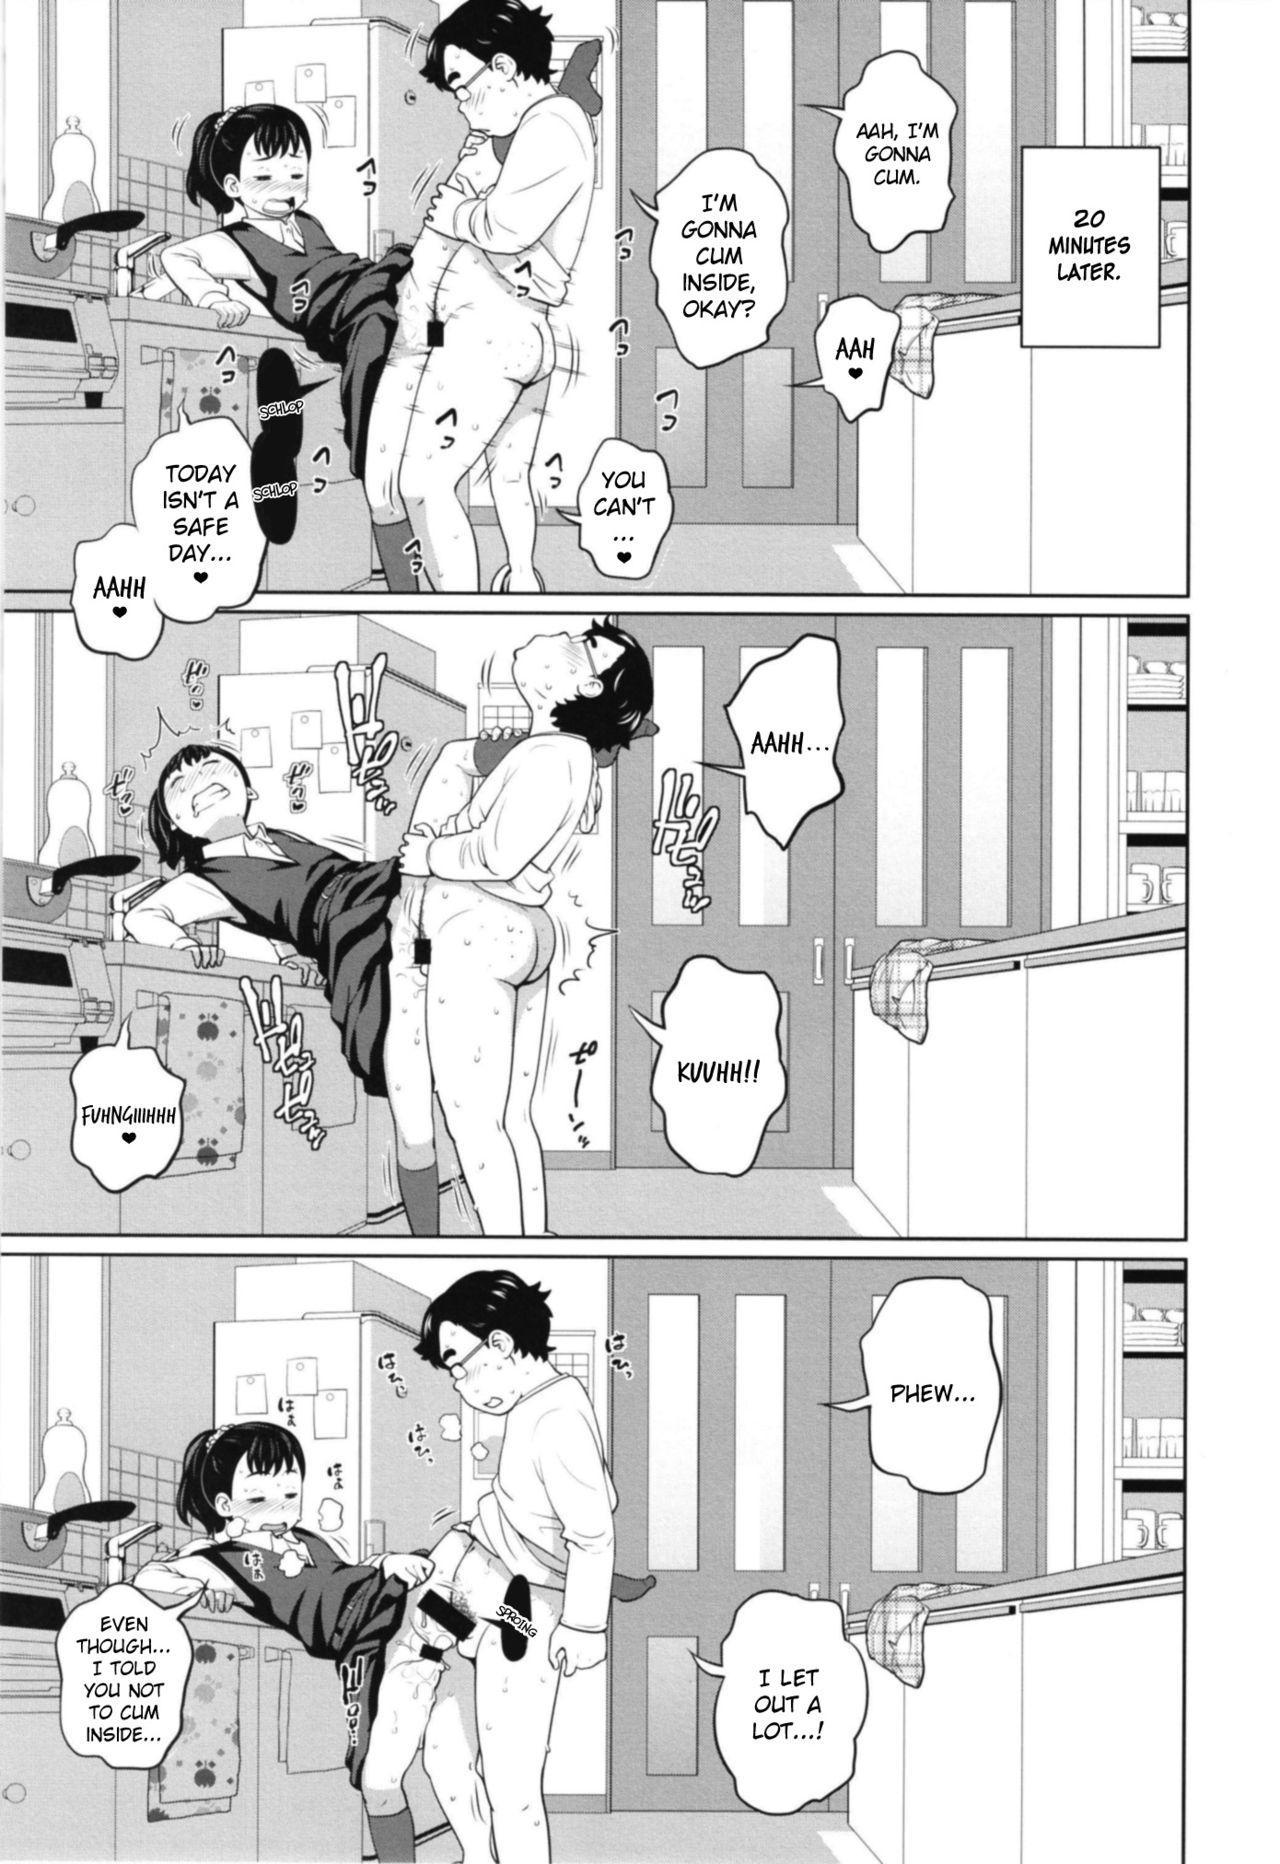 Kono Naka ni Kinshin Soukan Shiteiru Musume ga 3-nin Imasu #1 8